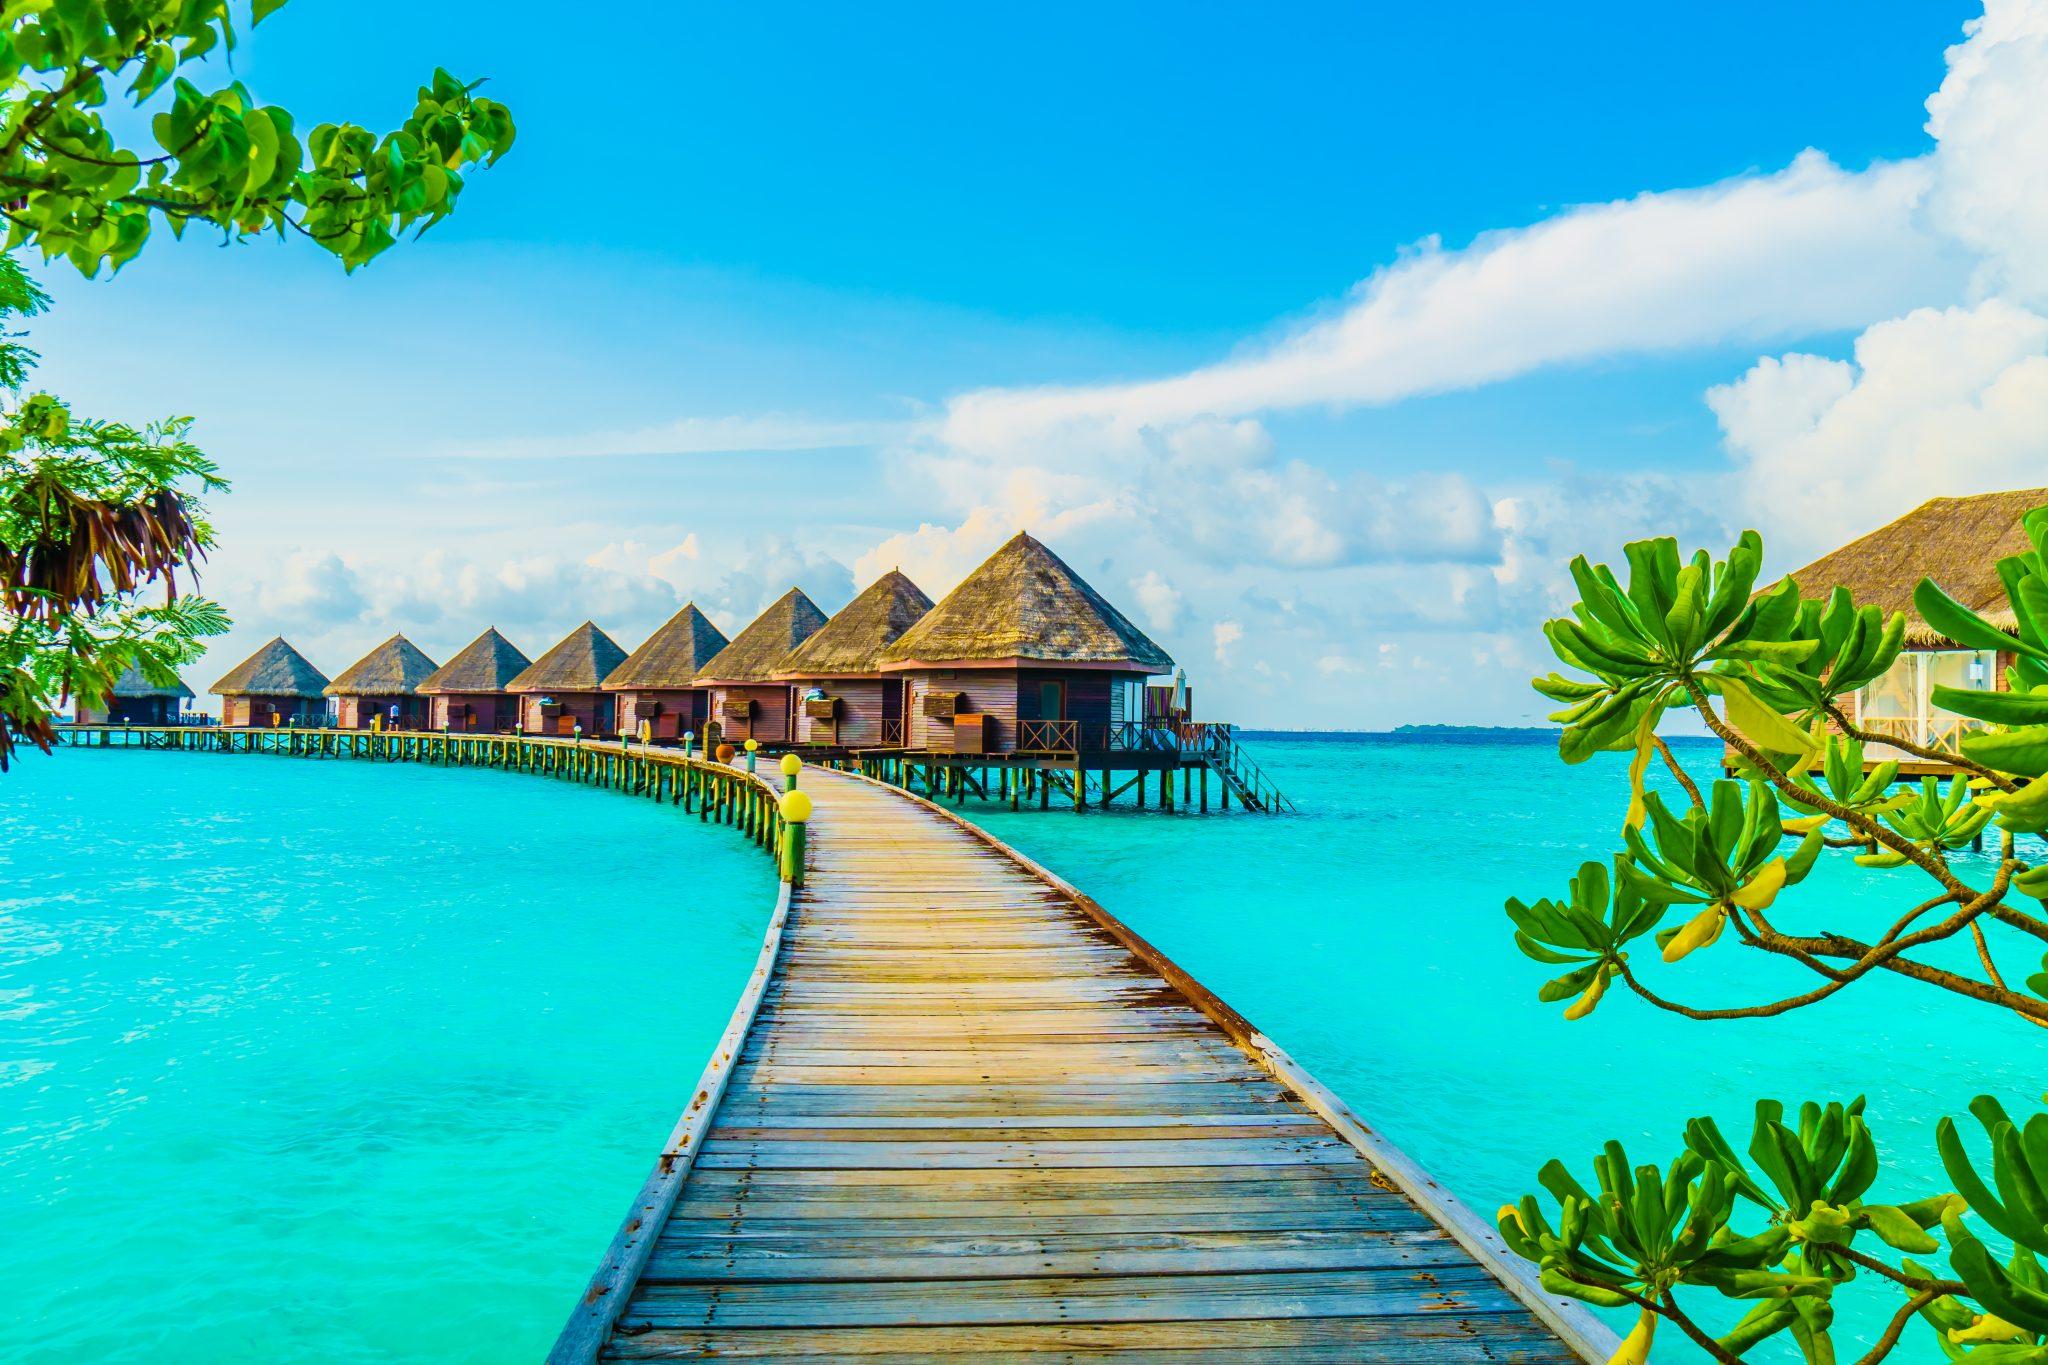 exereuniste tis maldives